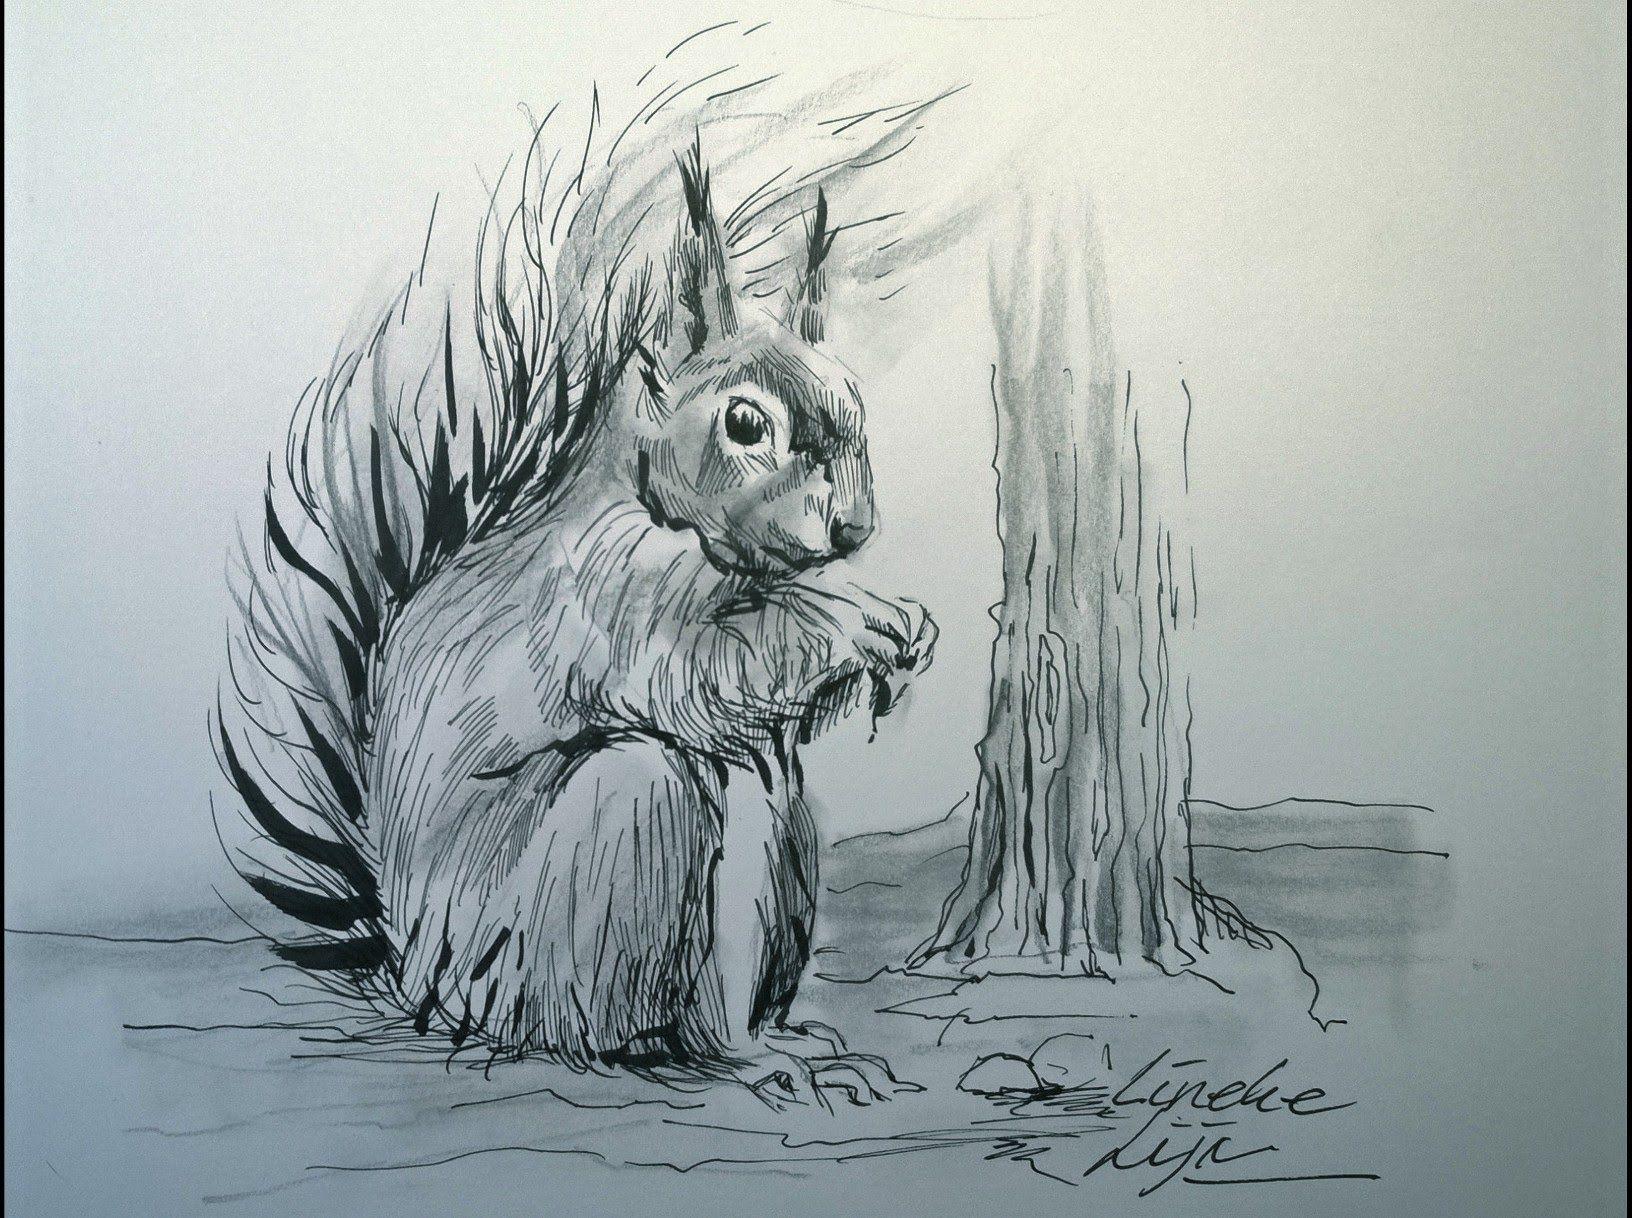 Hoe Teken Je Een Eekhoorn Dieren Tekenen Coole Tekeningen Easy Pencil Drawings